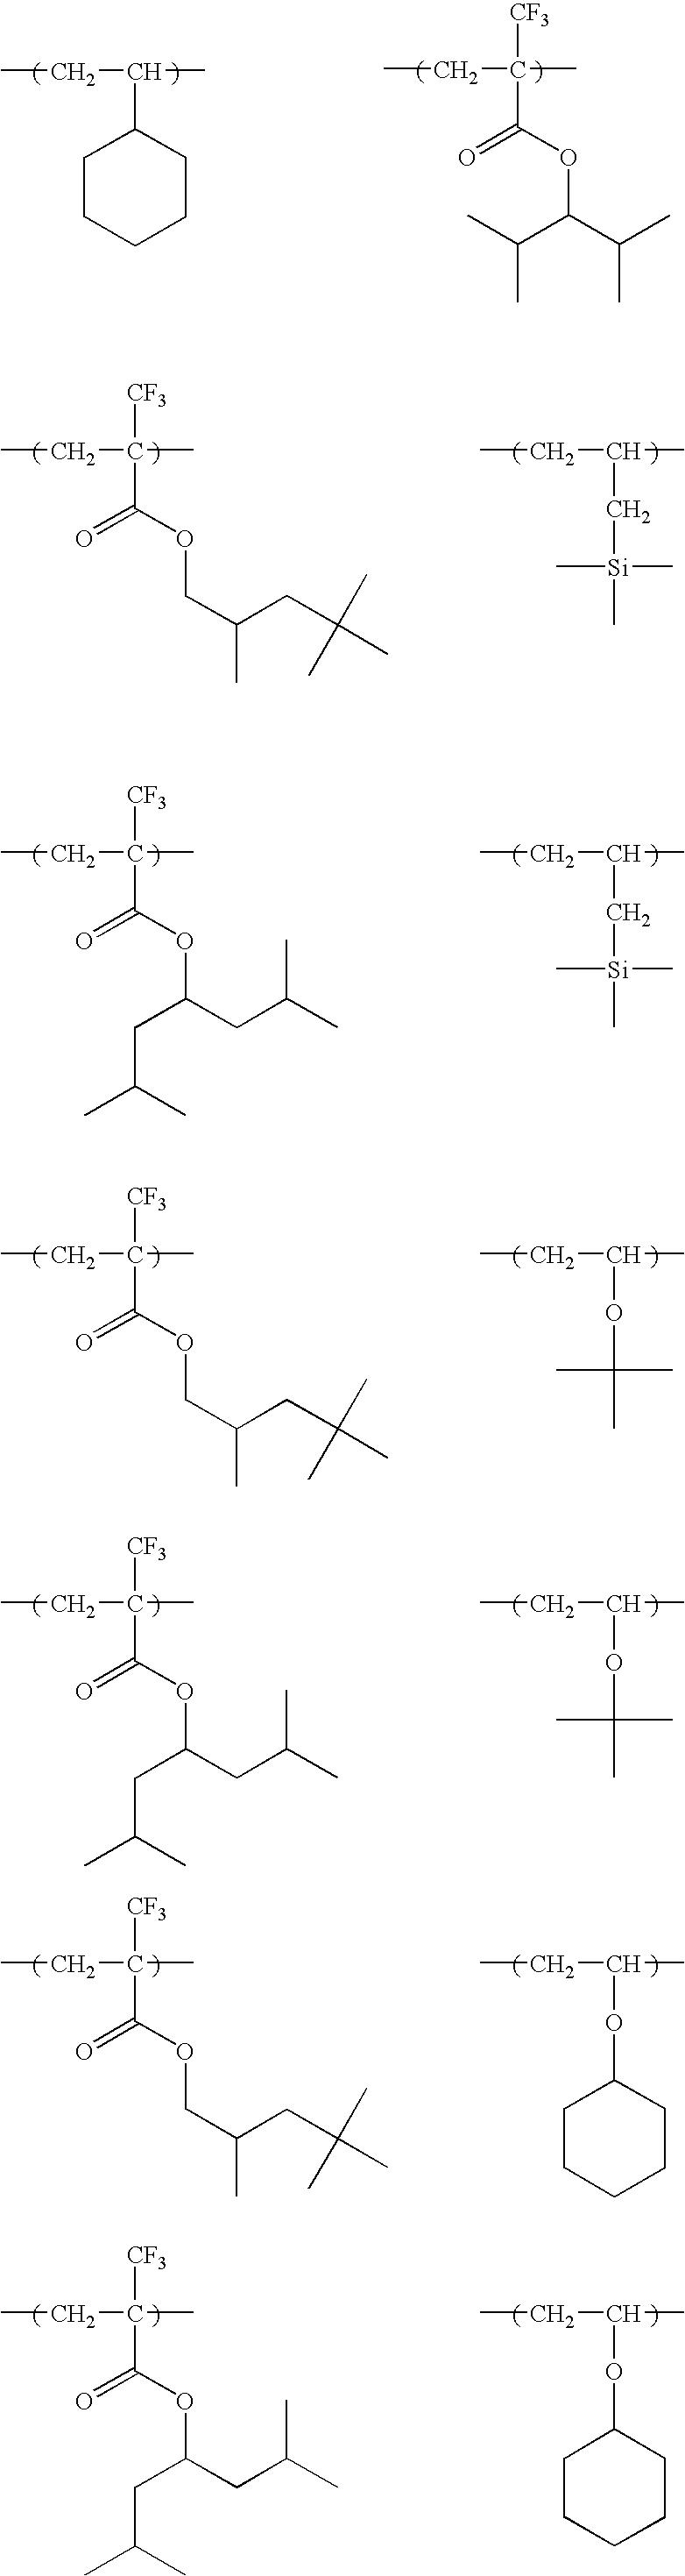 Figure US08530148-20130910-C00077